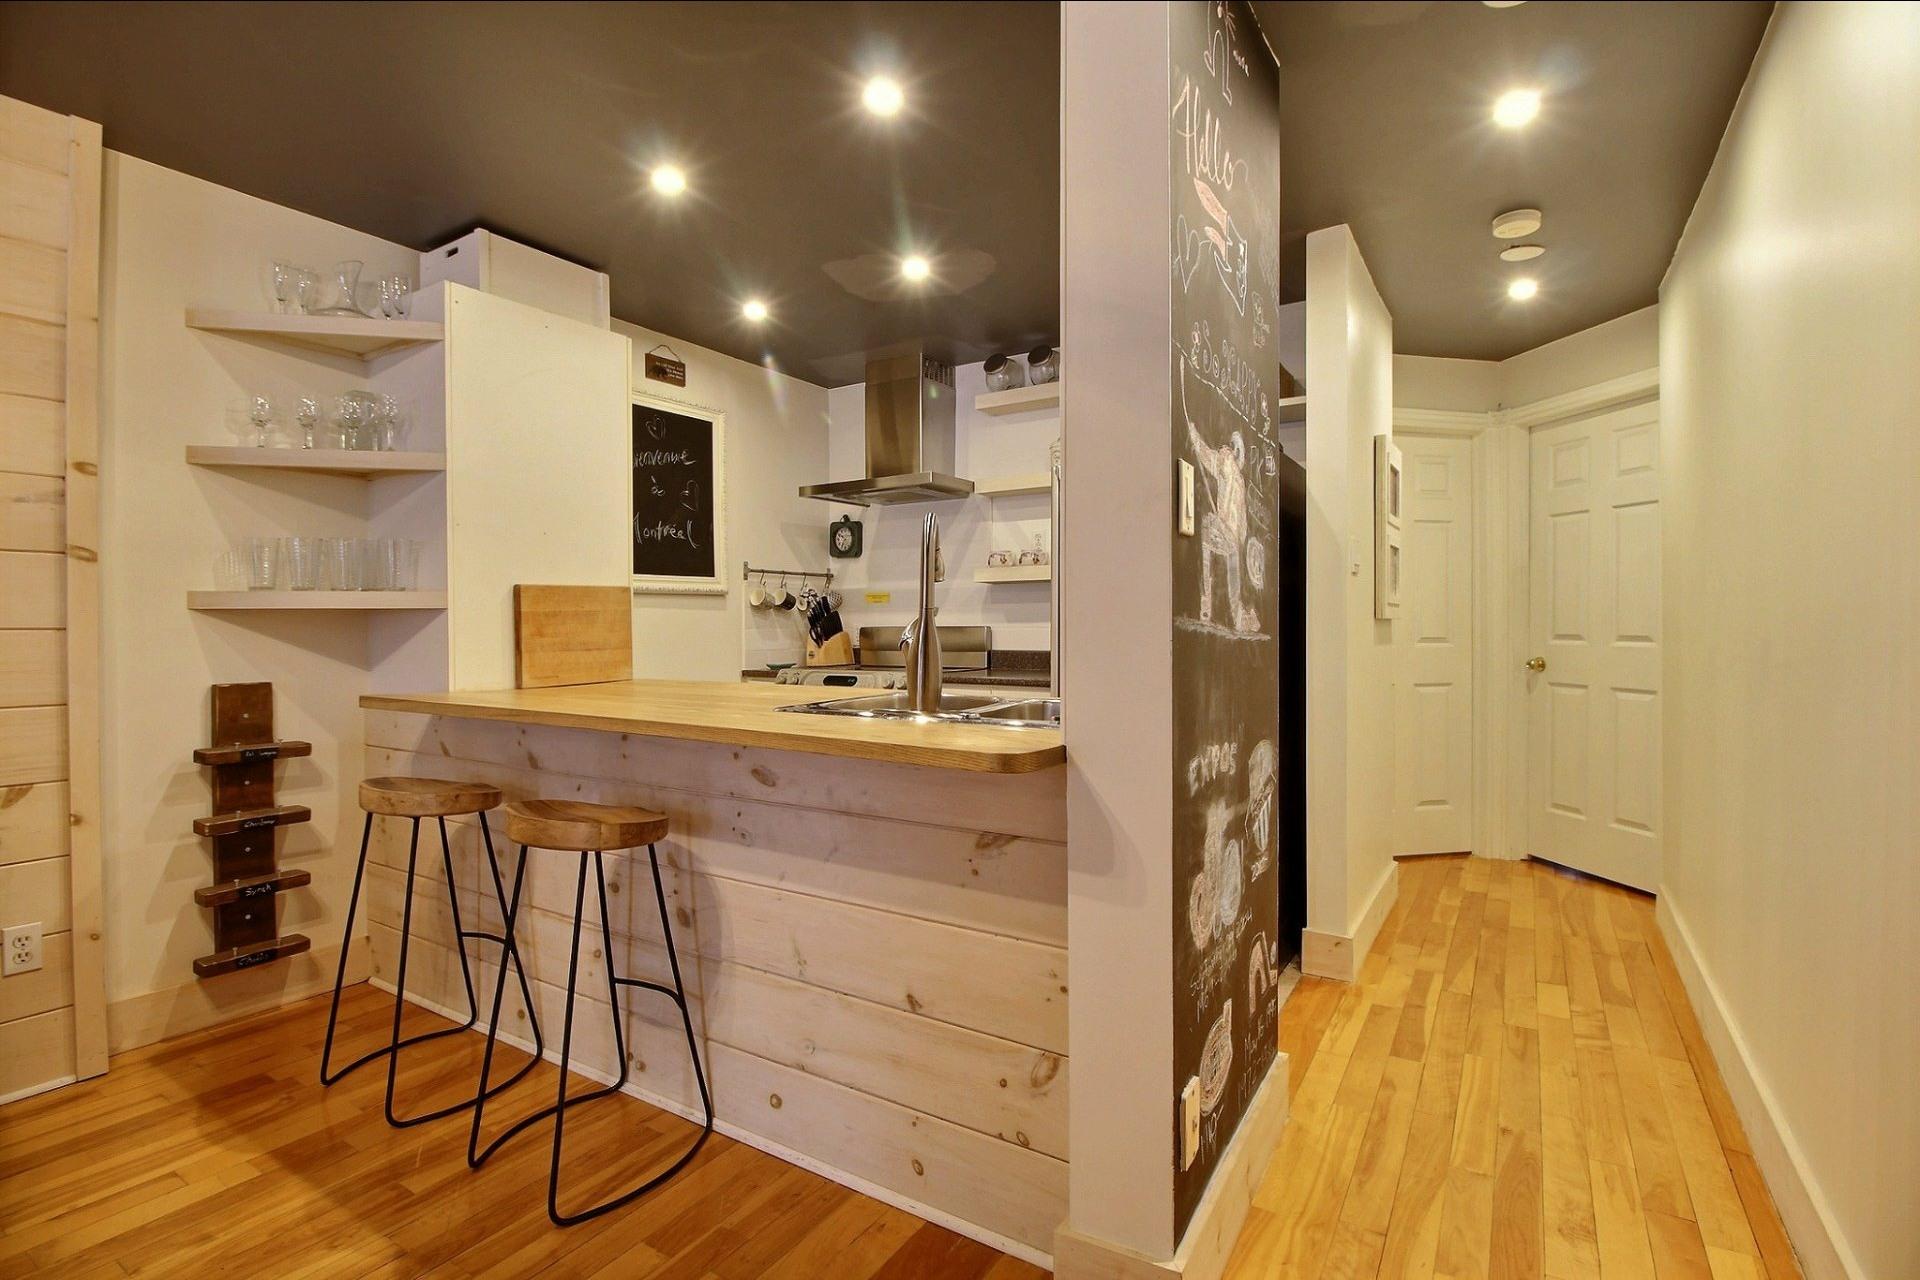 image 5 - Appartement À louer Le Plateau-Mont-Royal Montréal  - 5 pièces